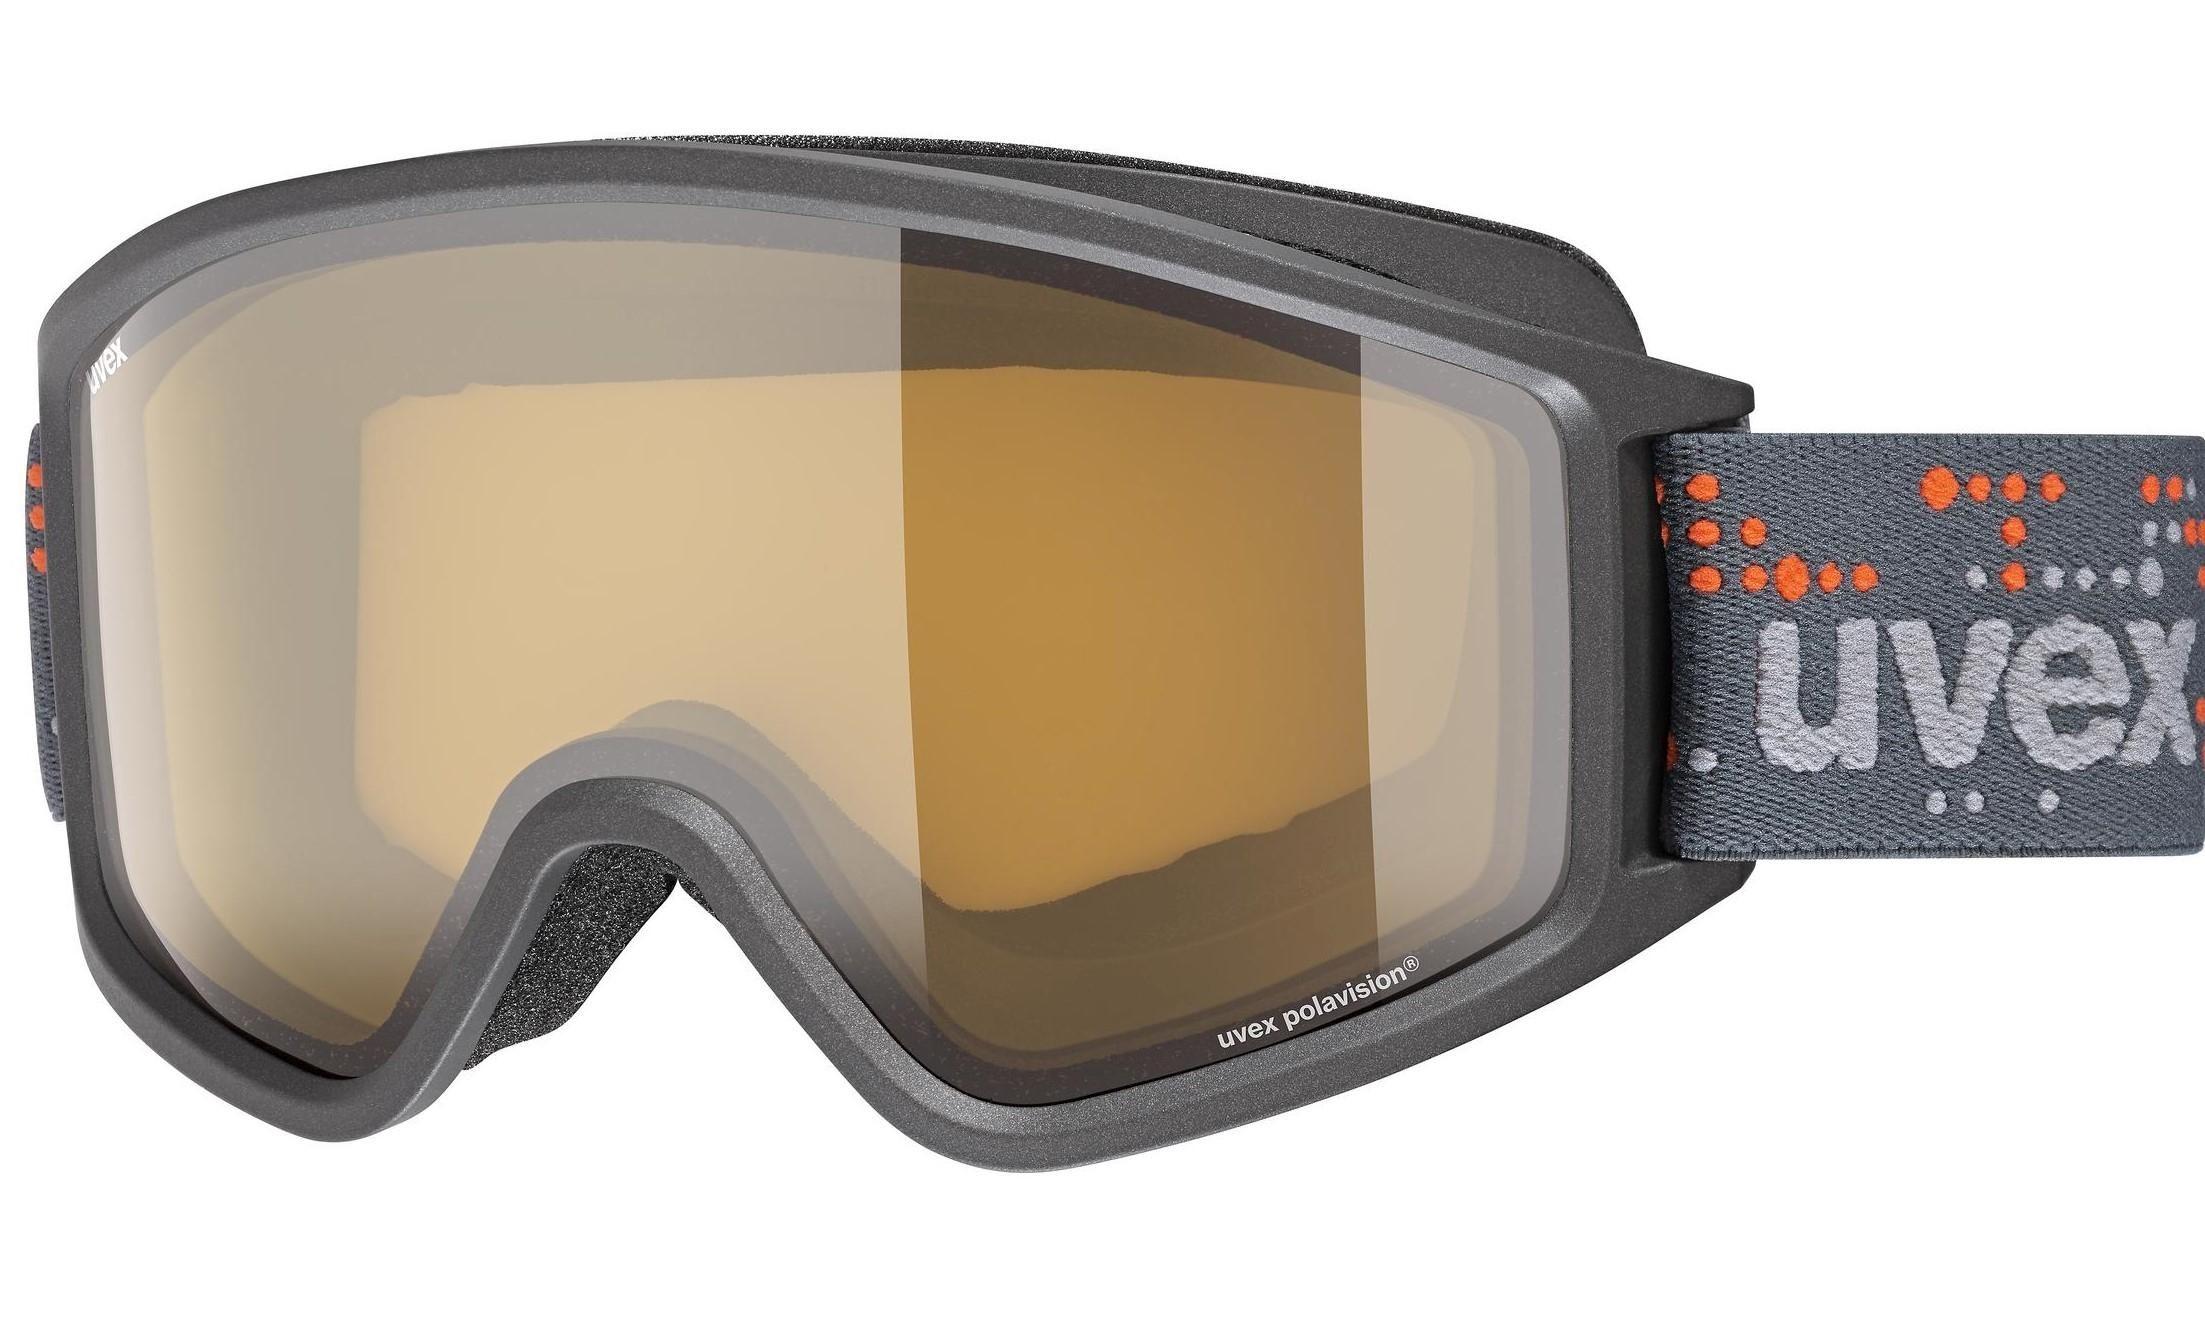 lyžiarske okuliare uvex g.gl 3000 p